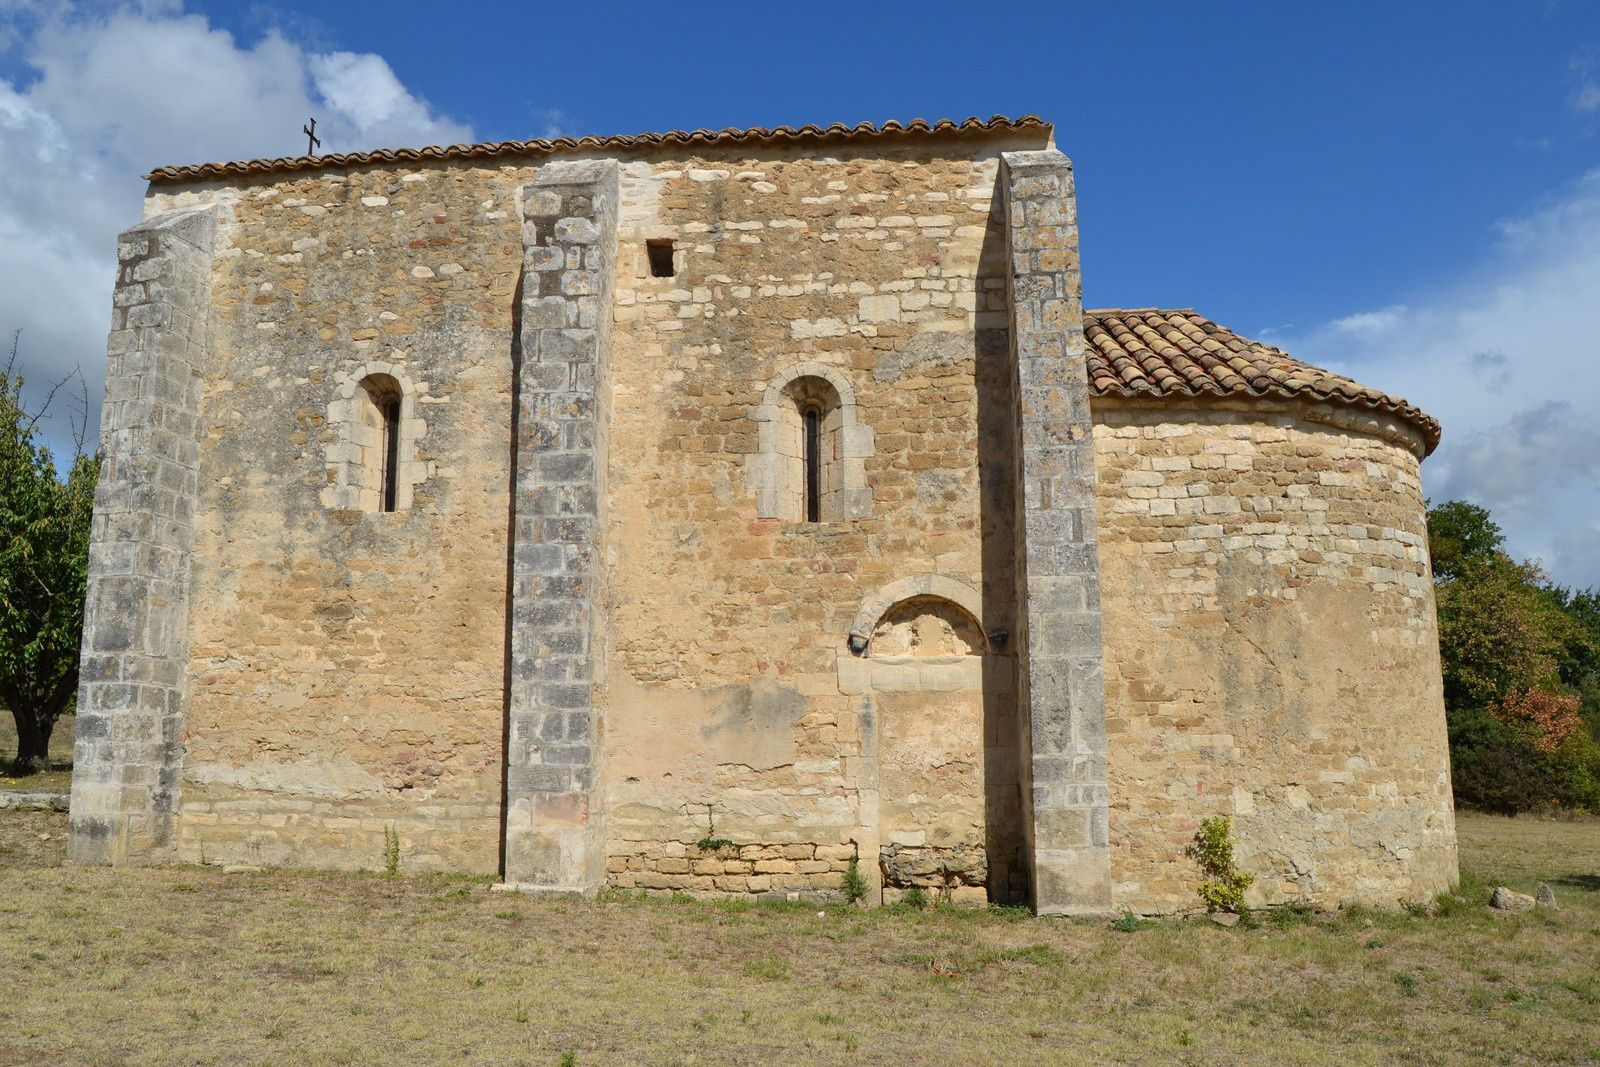 Cette chapelle est une possession du grand prieuré de Saint-Saturnin-du-Port (Pont-Saint-Esprit depuis le milieu du Moyen-Âge), affilié à l'abbaye de Cluny depuis le Xe siècle.  Elle date de la seconde moitié du XIIe siècle. Ses dimensions sont modestes, sa nef unique et son chevet semi-circulaire.